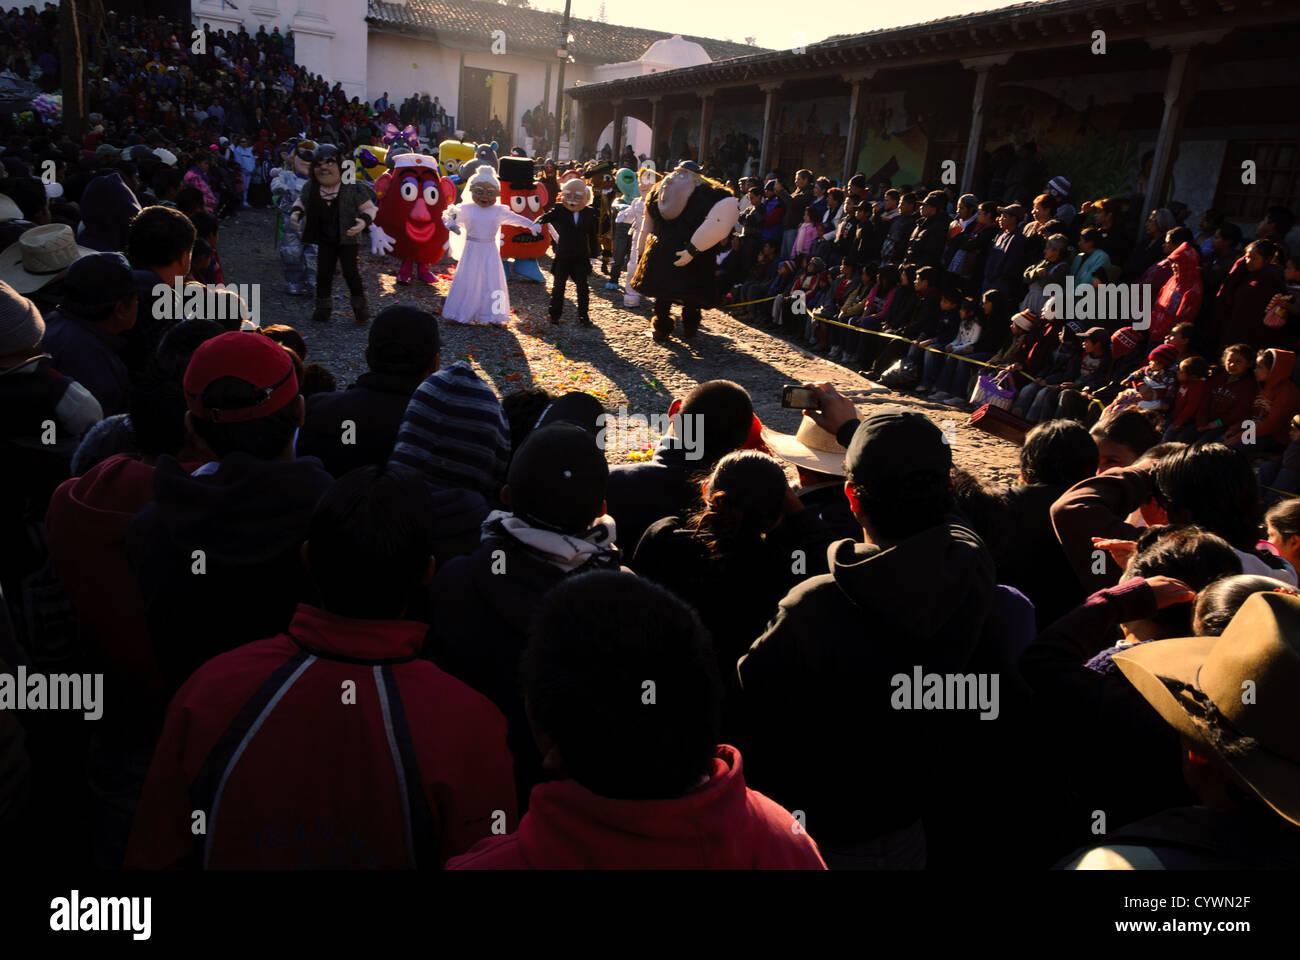 Chichicastenango Guatemala Una Multitud Observa Un Baile